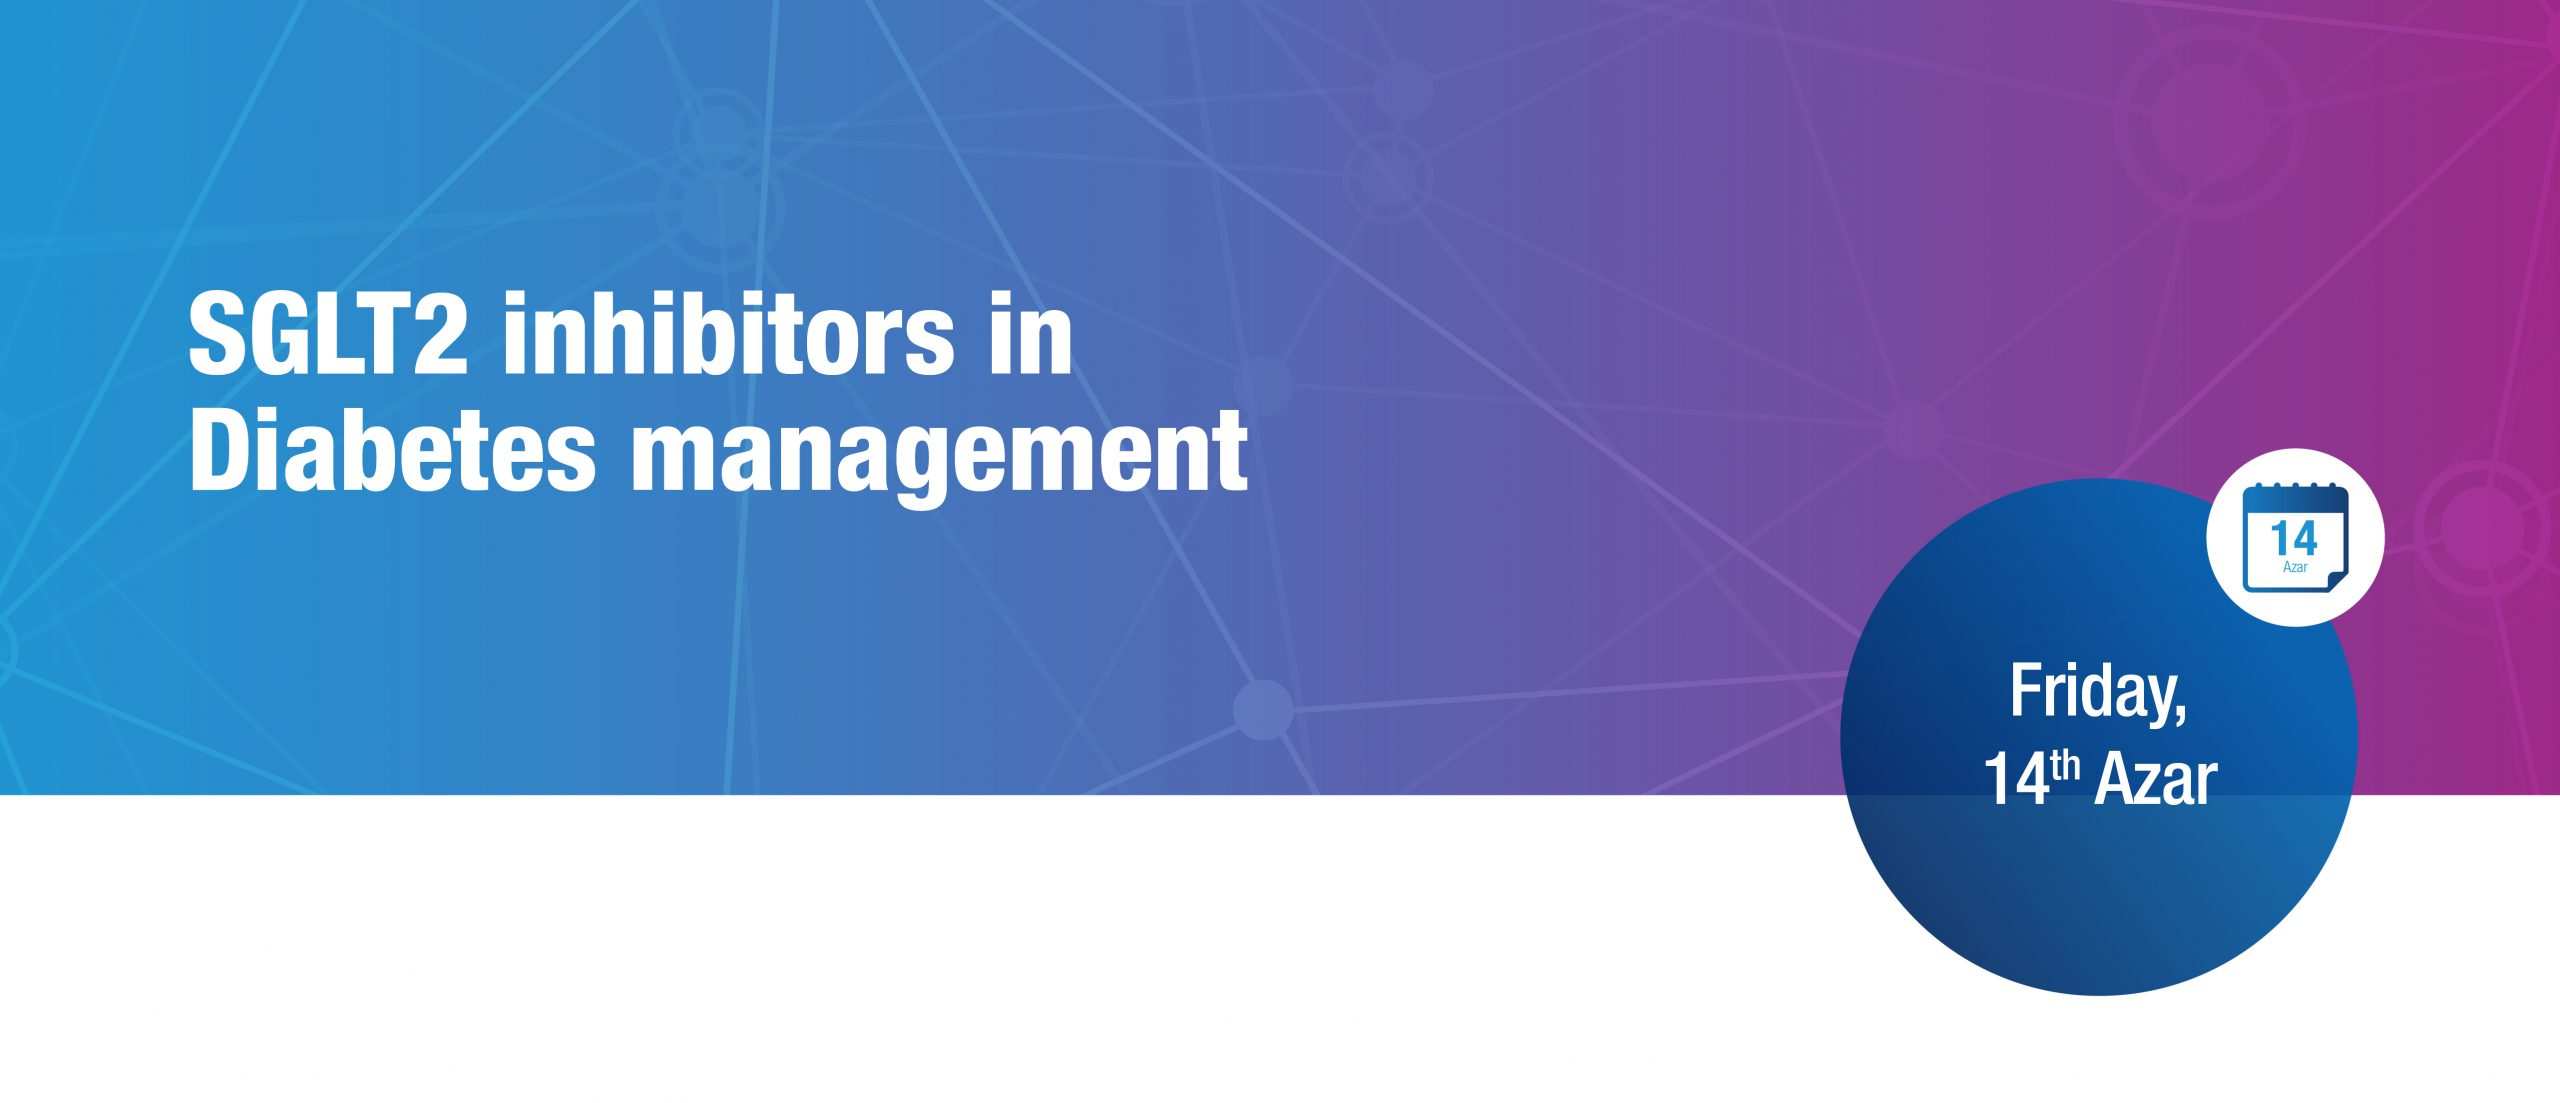 SGLT2 inhibitors in Diabetes Management